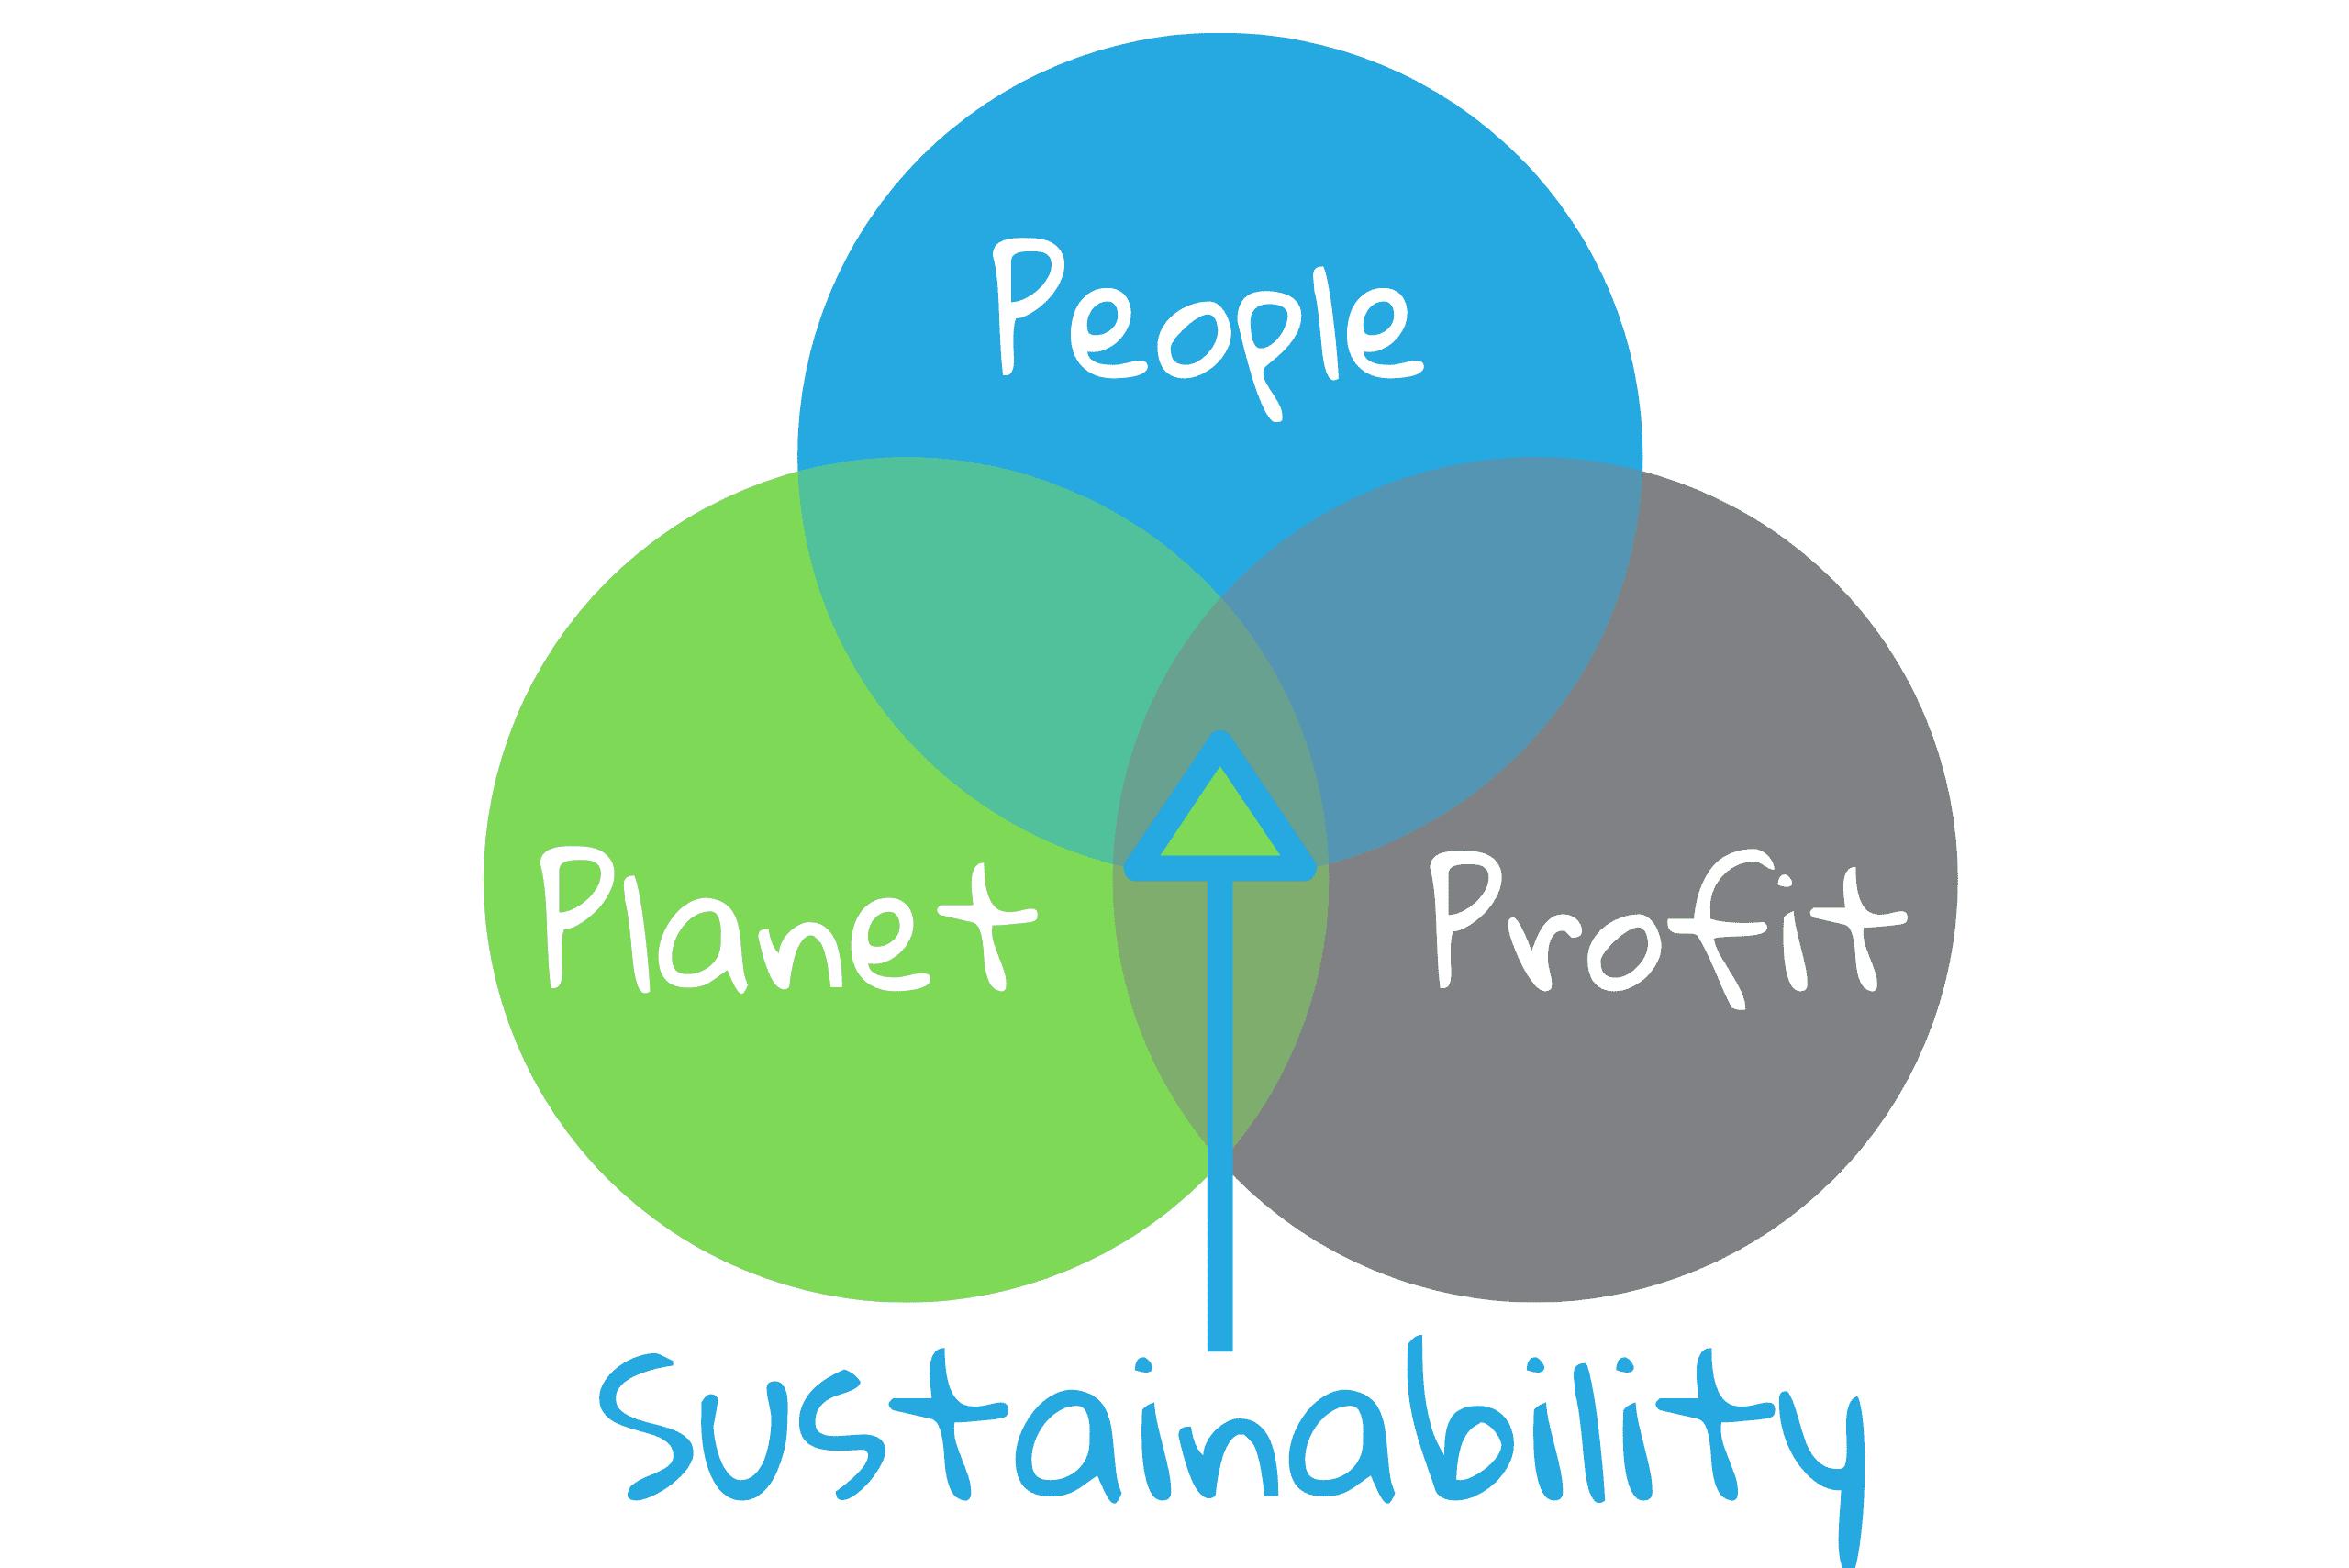 Sustainability- People, Planet & Profit